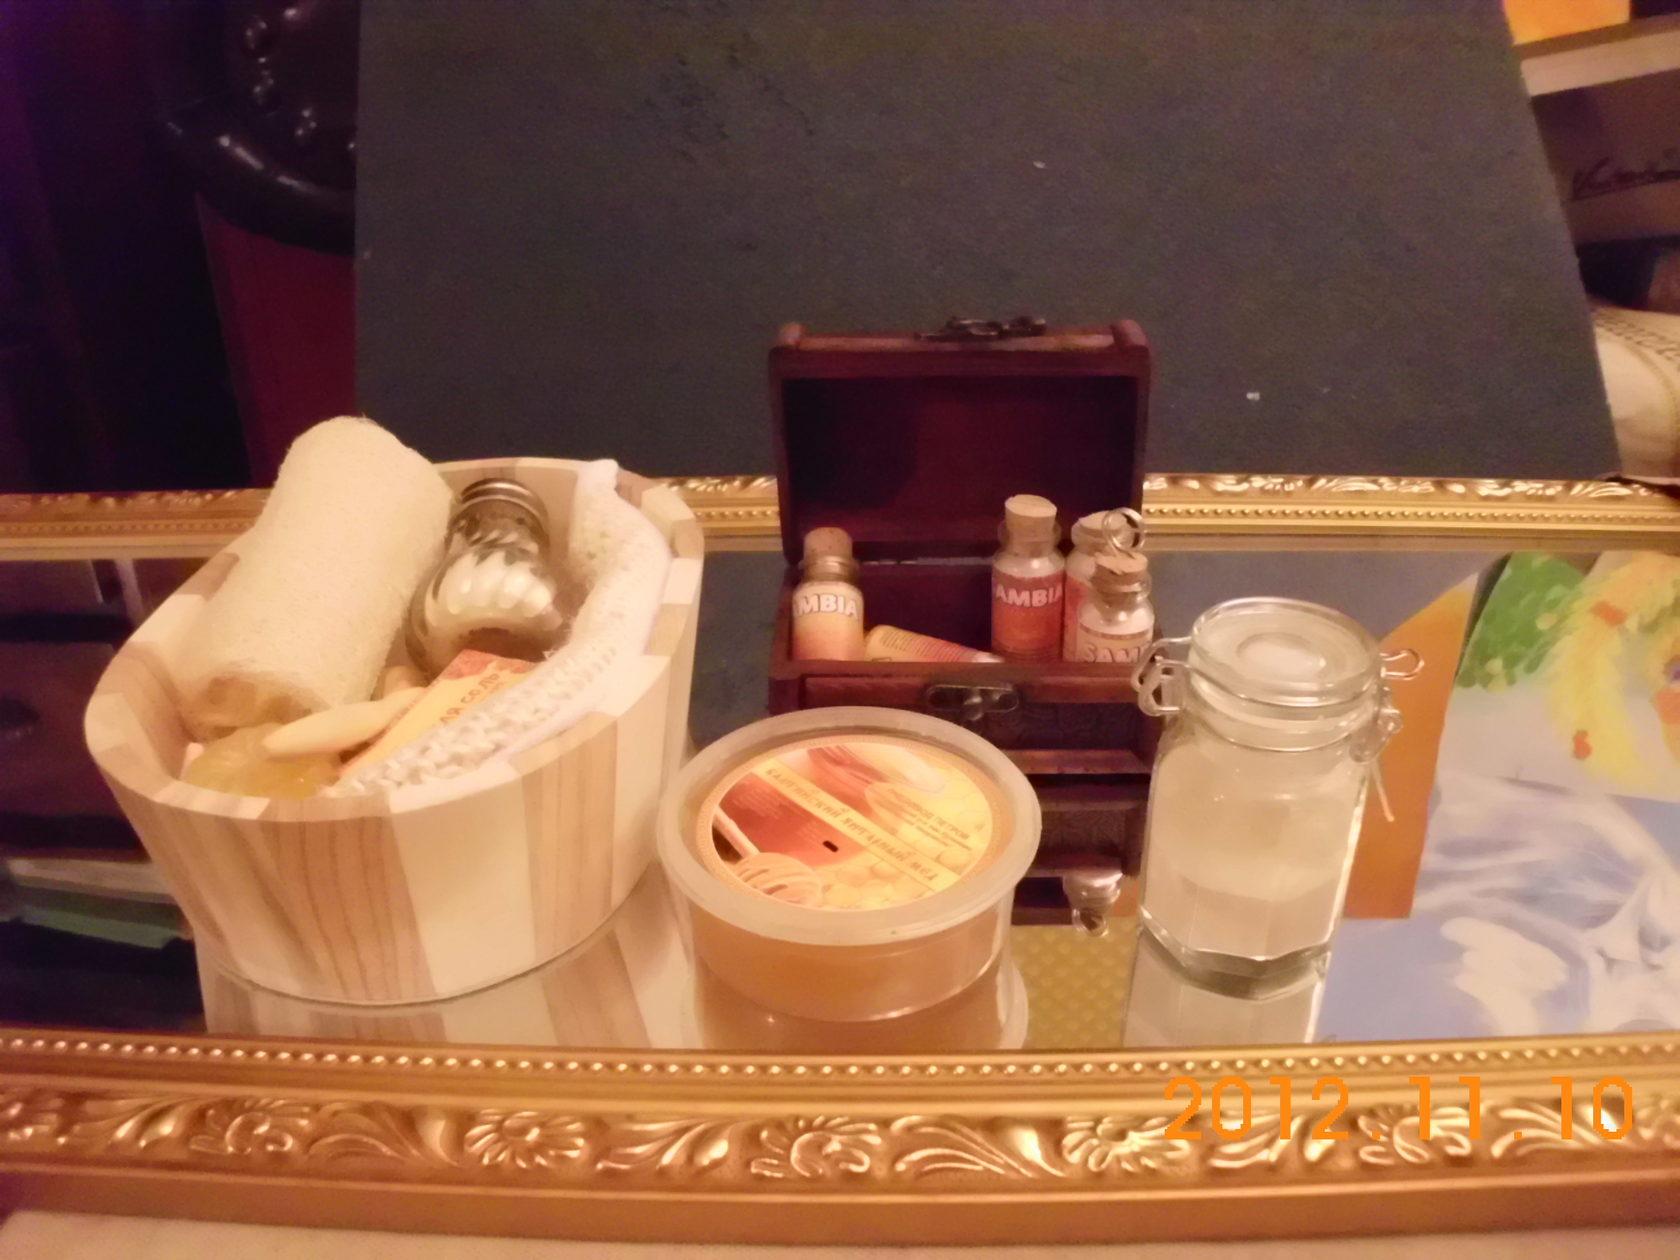 Янтарная косметика. Комплект для дома и бани. Фото.